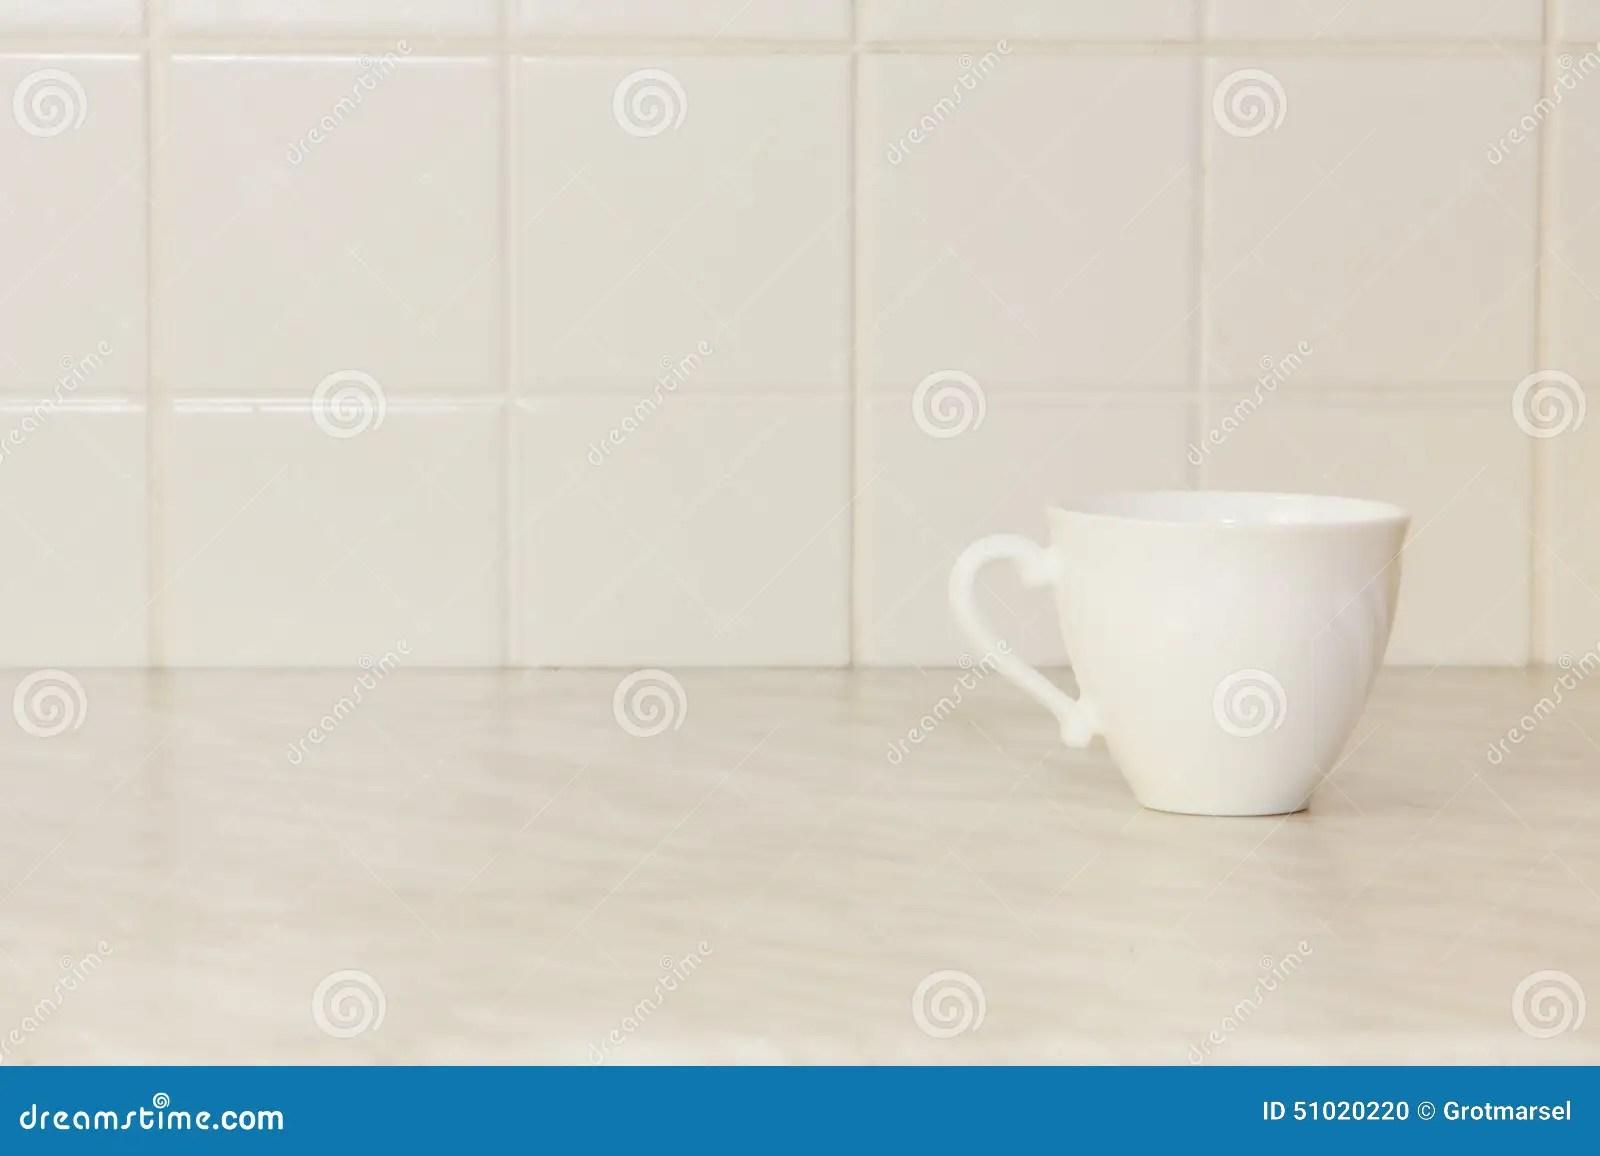 stock photo ceramic tea cup white kitchen table tile background image white kitchen table Ceramic tea cup on white kitchen table